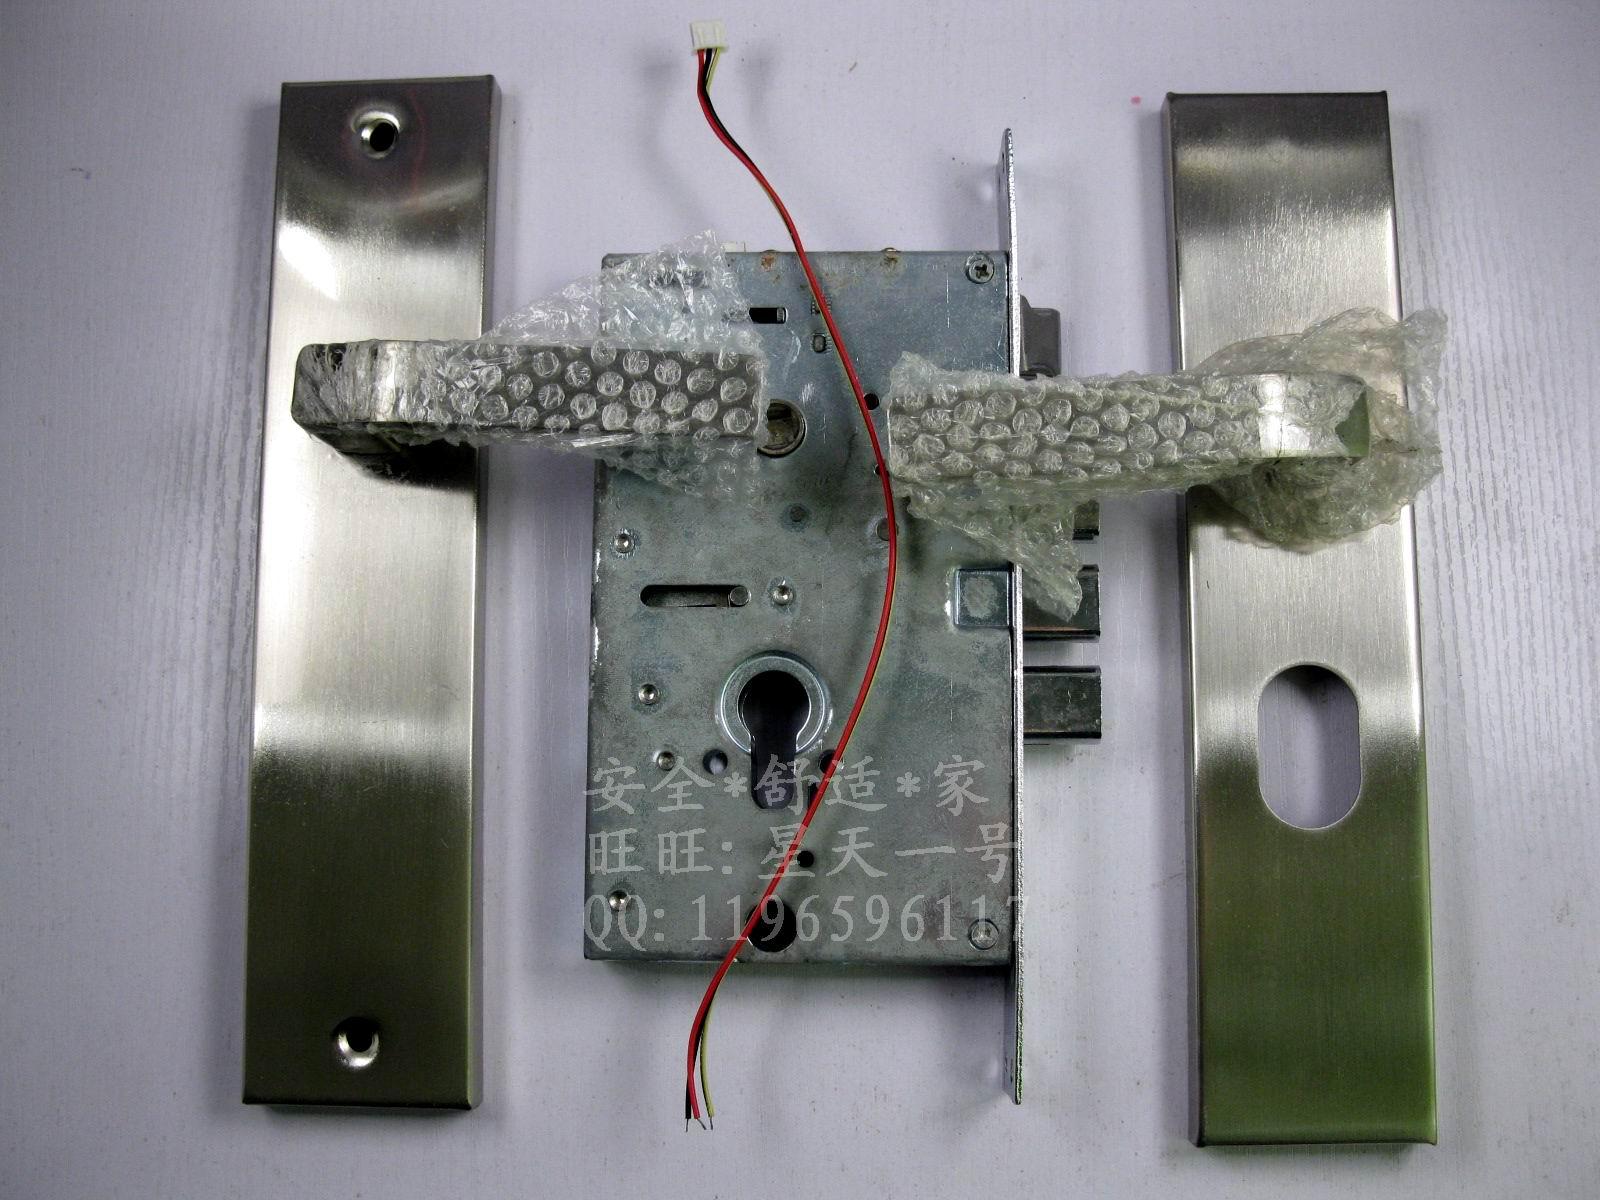 ec14超静音锁 内装对讲电锁 防盗门电控锁 小区单元电锁 自动上锁